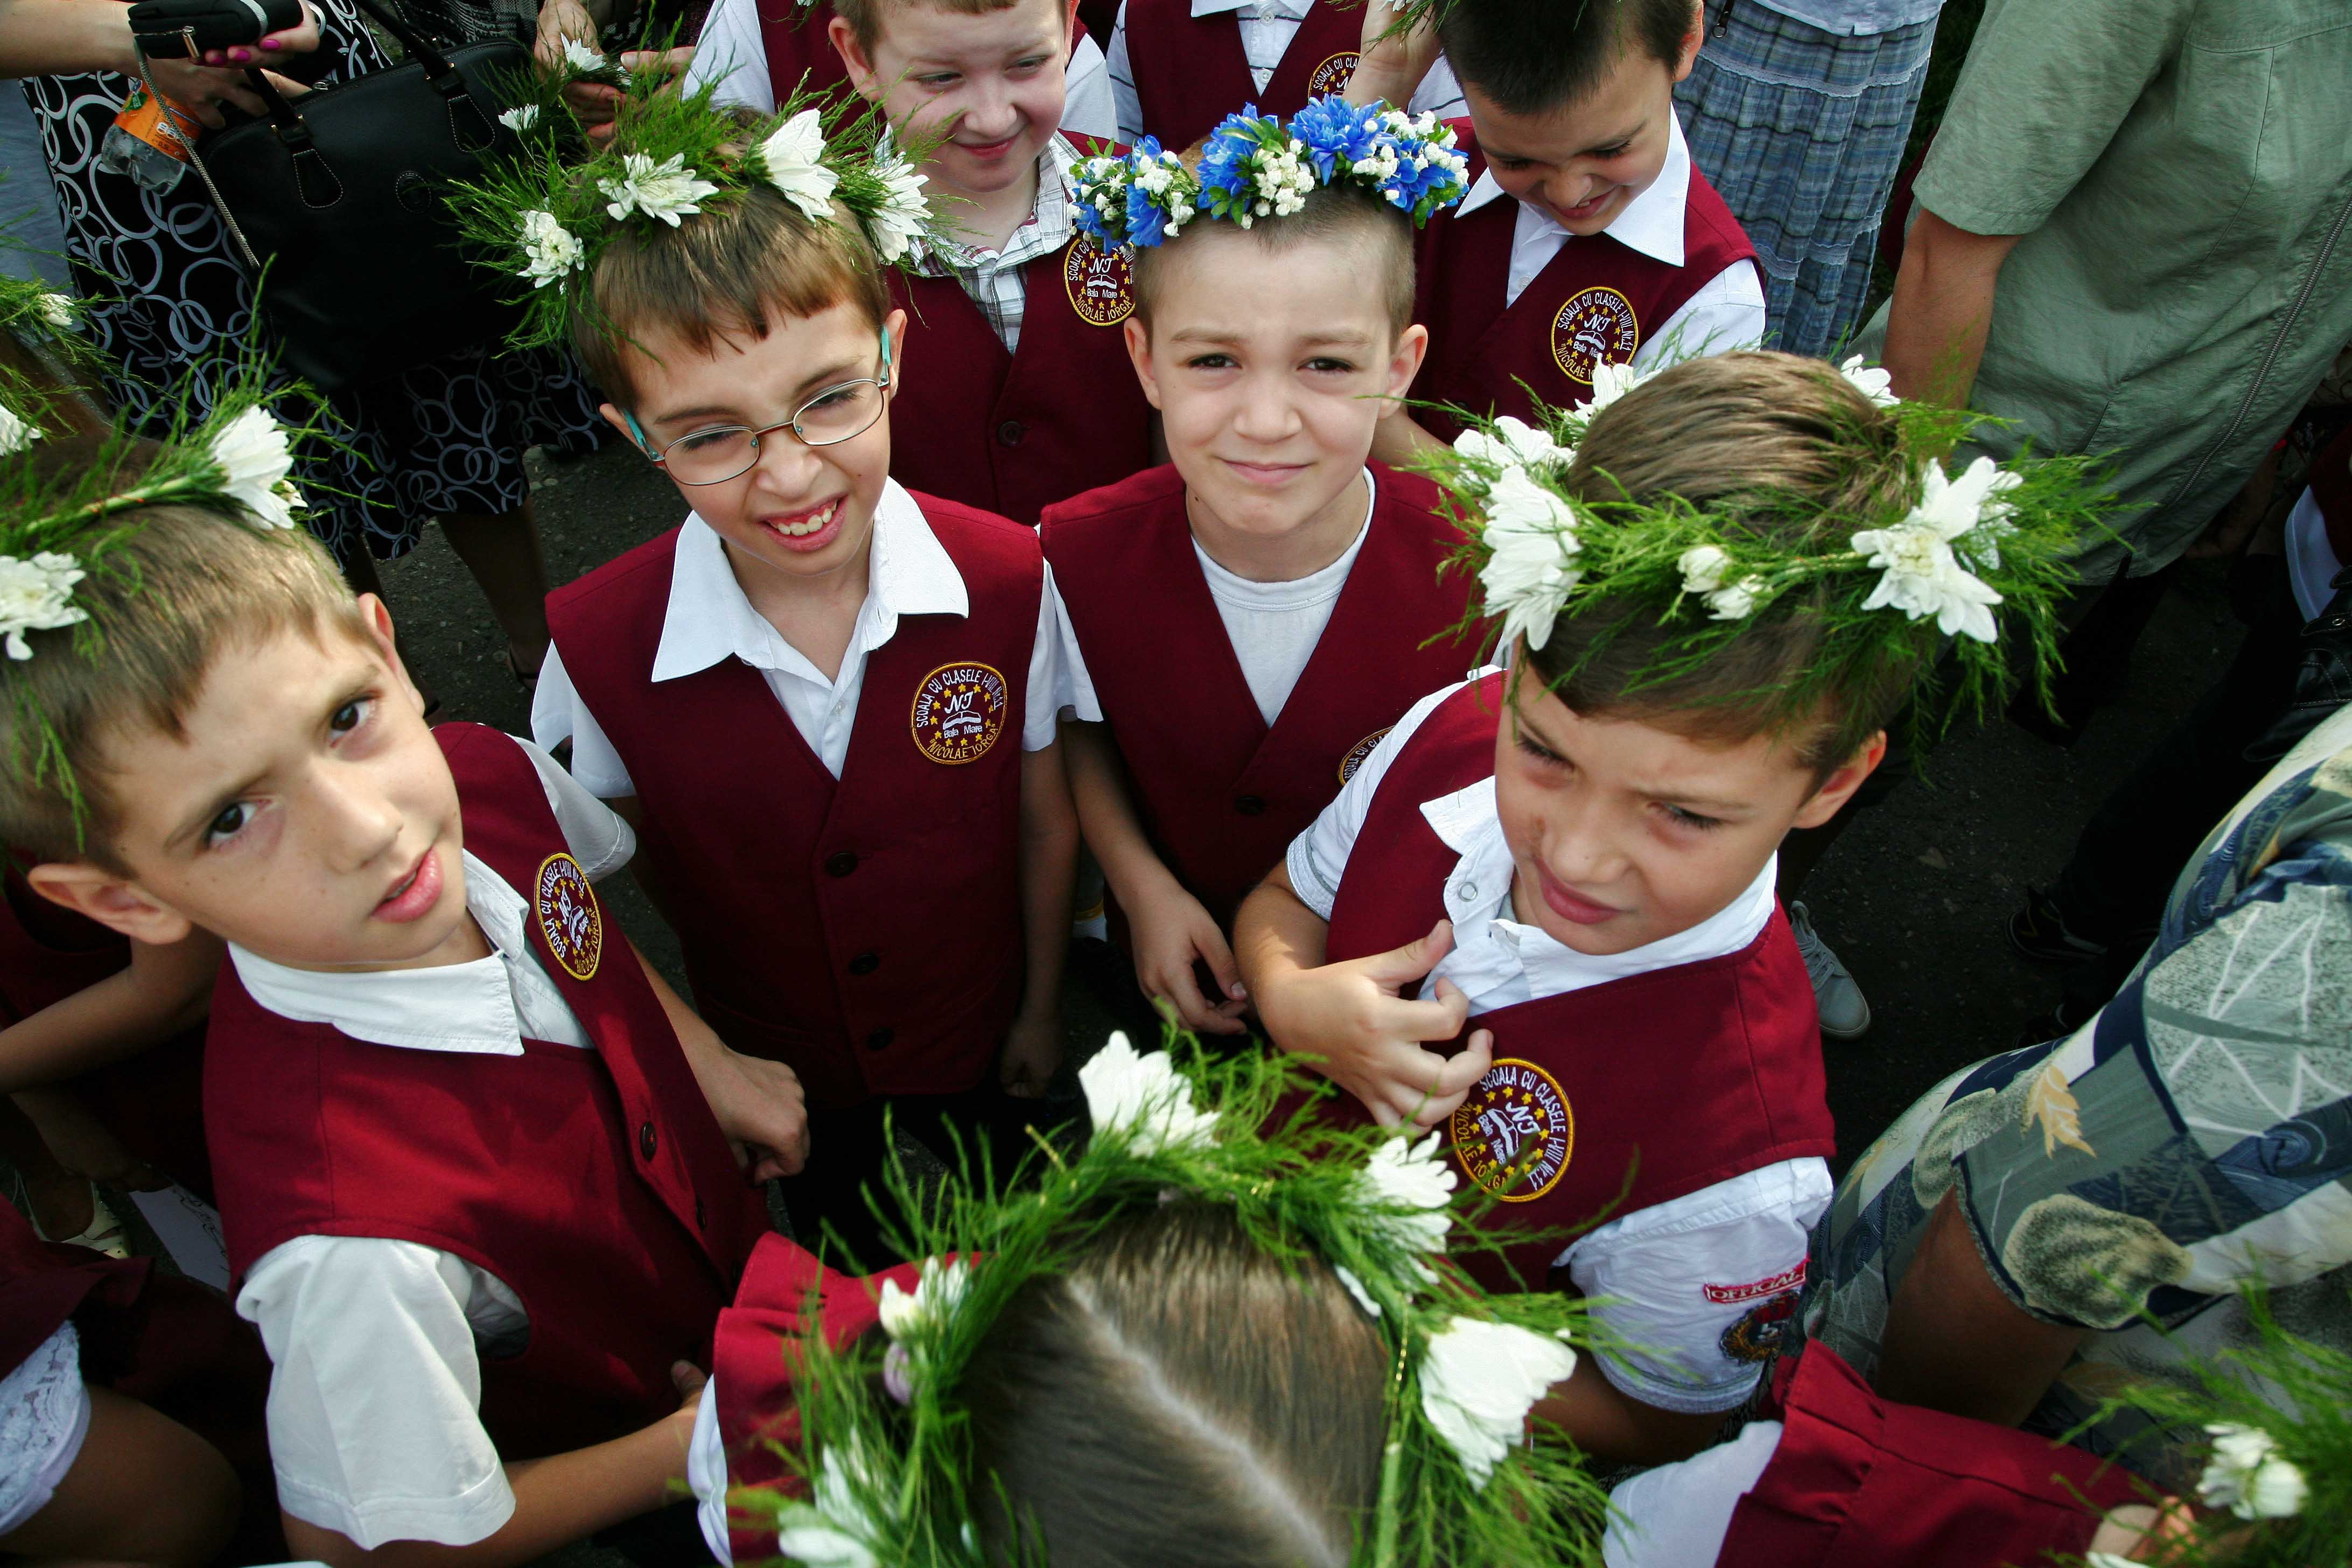 Elevii intră în vacanţa de vară până pe 11 septembrie. Festivităţi de încheiere a anului şcolar în ultima zi de şcoală